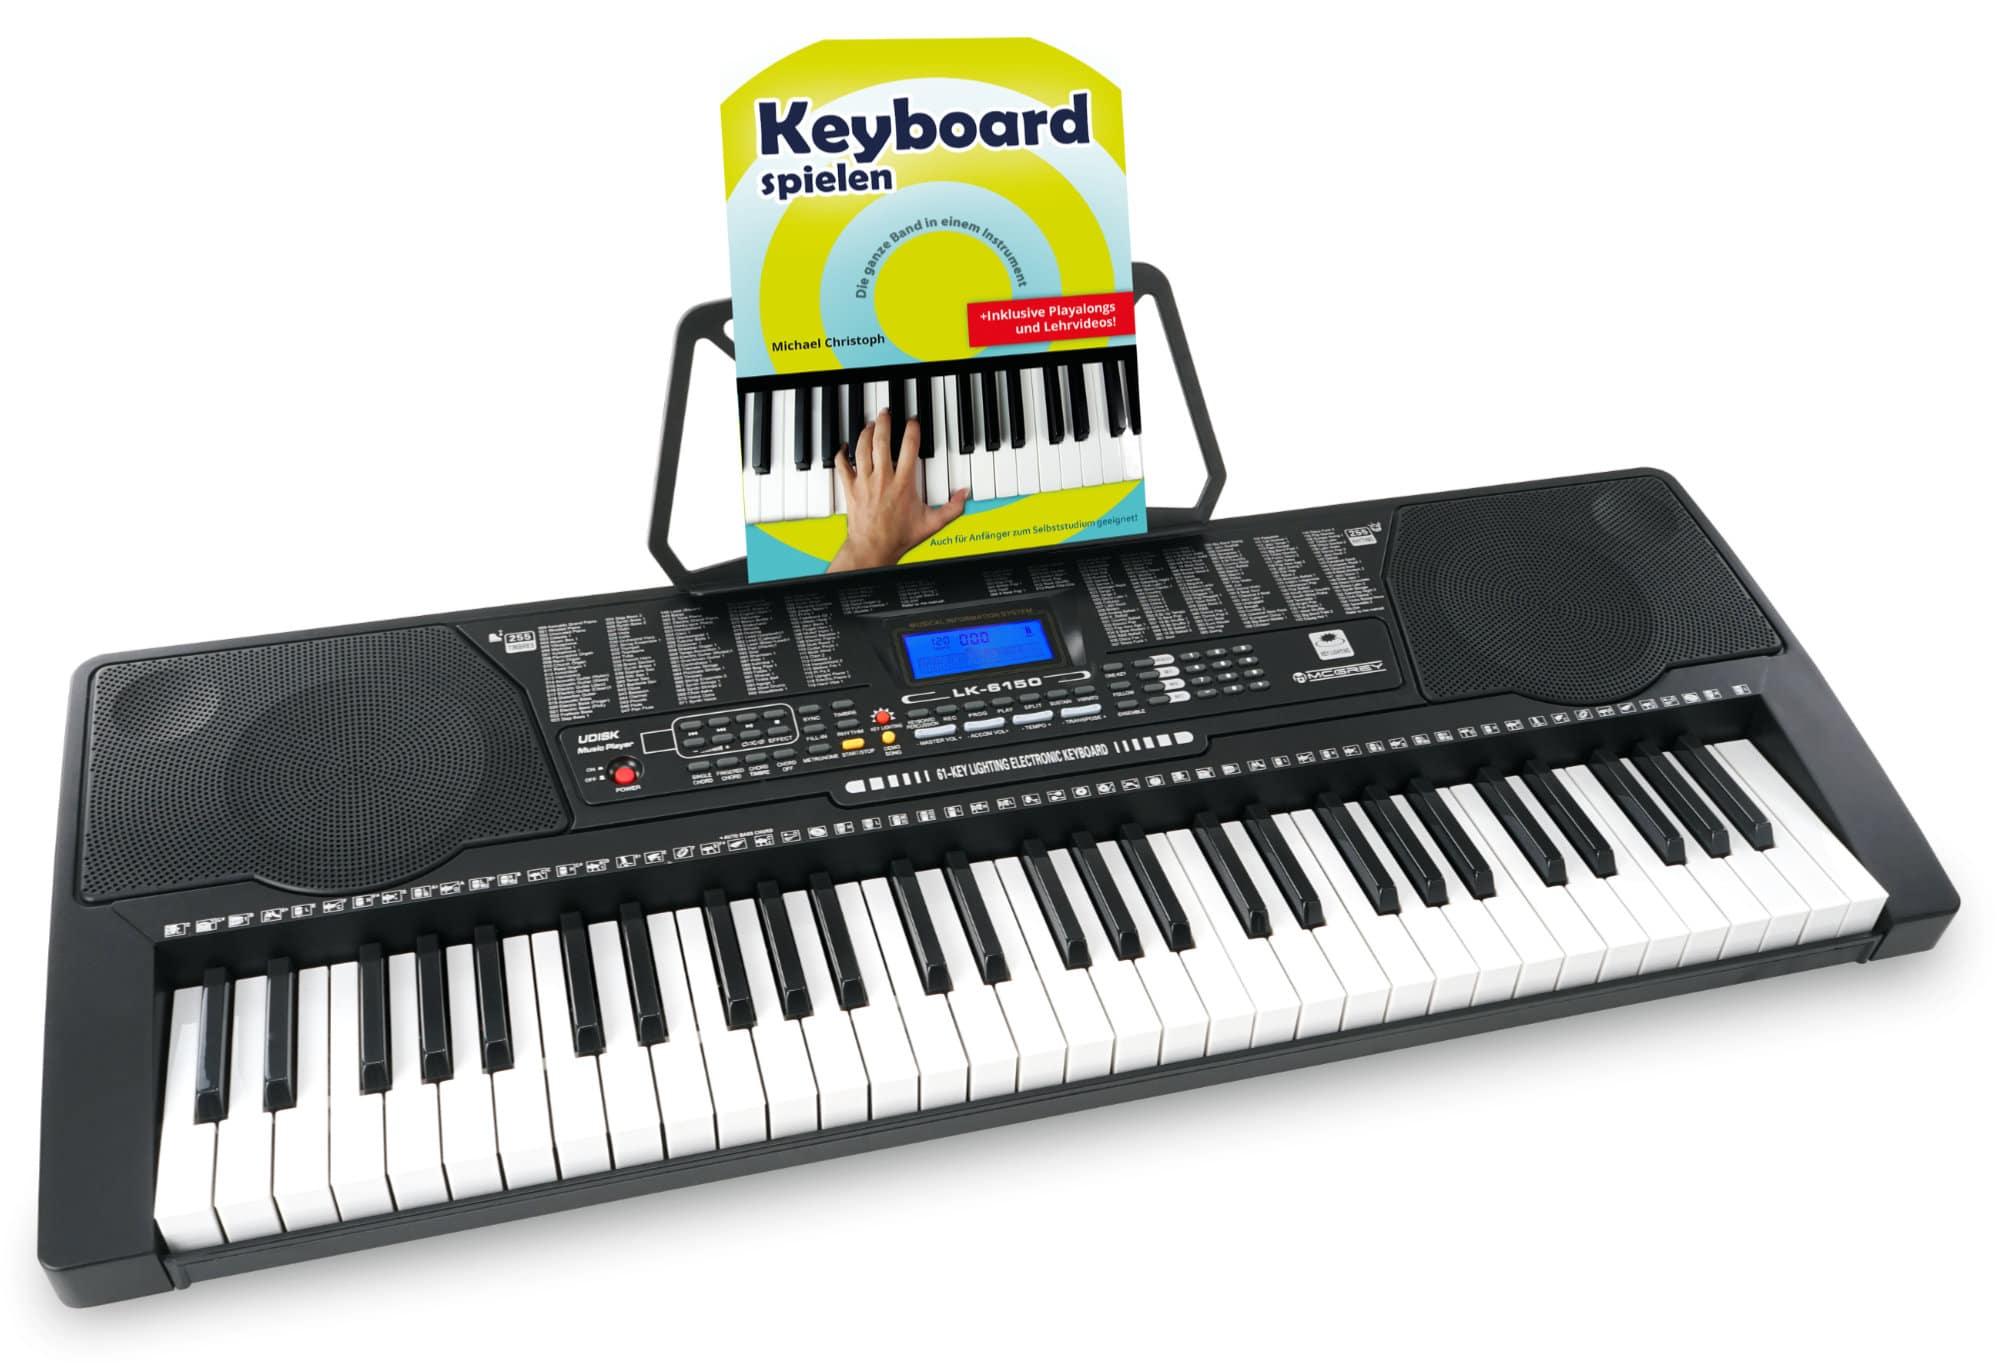 McGrey LK 6150 61 Tasten Keyboard Set mit Leuchttasten, Keyboardschule und MP3 Player